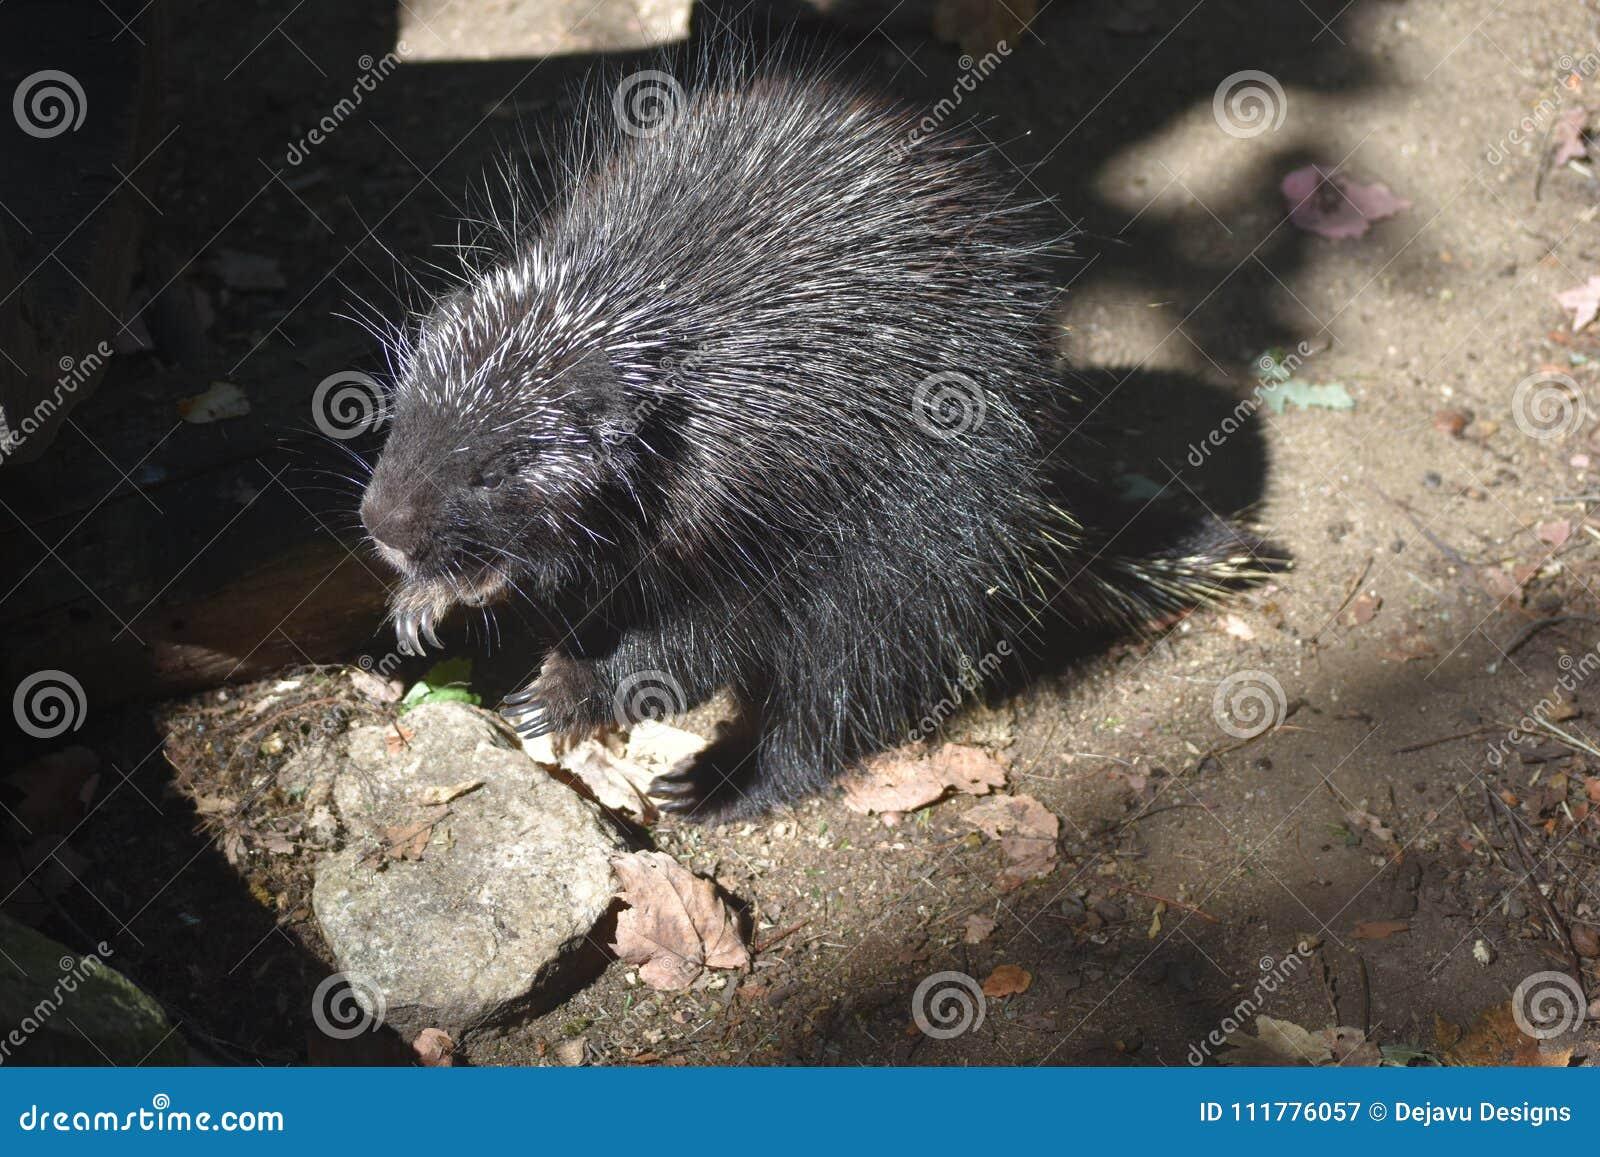 Groot zwart stekelvarken op zijn achterste benen met een open mond